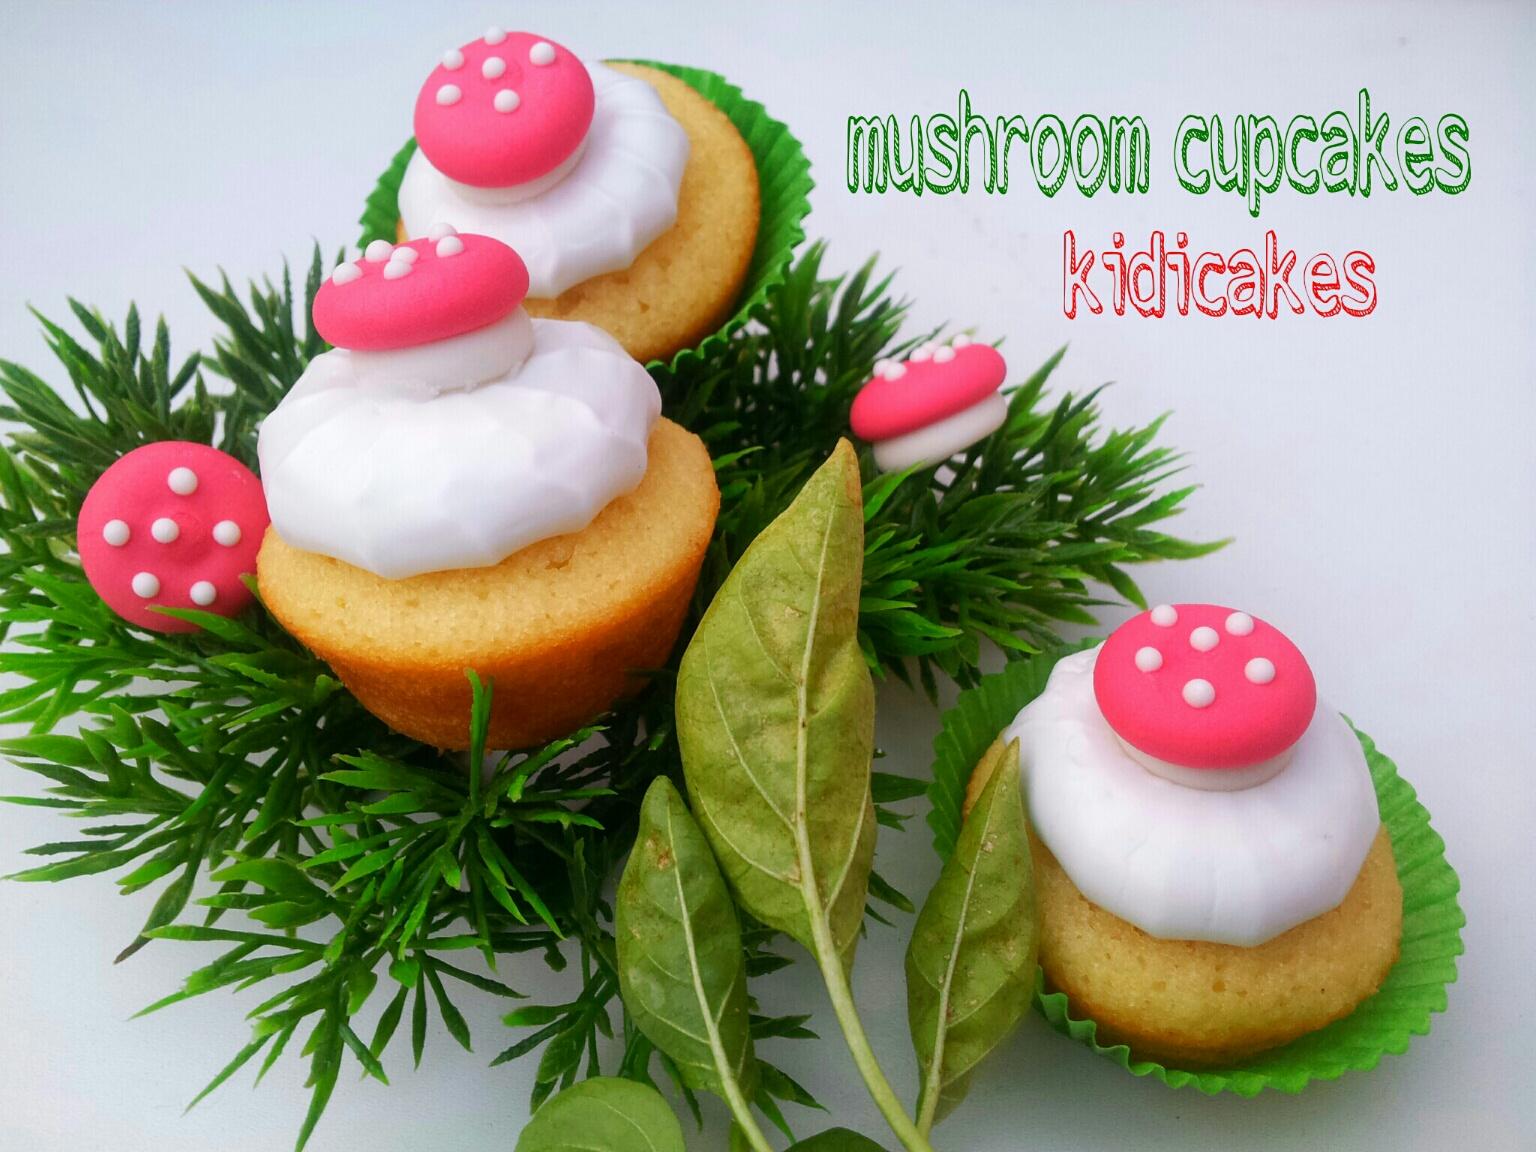 cupcake au citron meringué décor champignon, mushroom cucpakes recette cupcakes par Kidicakes